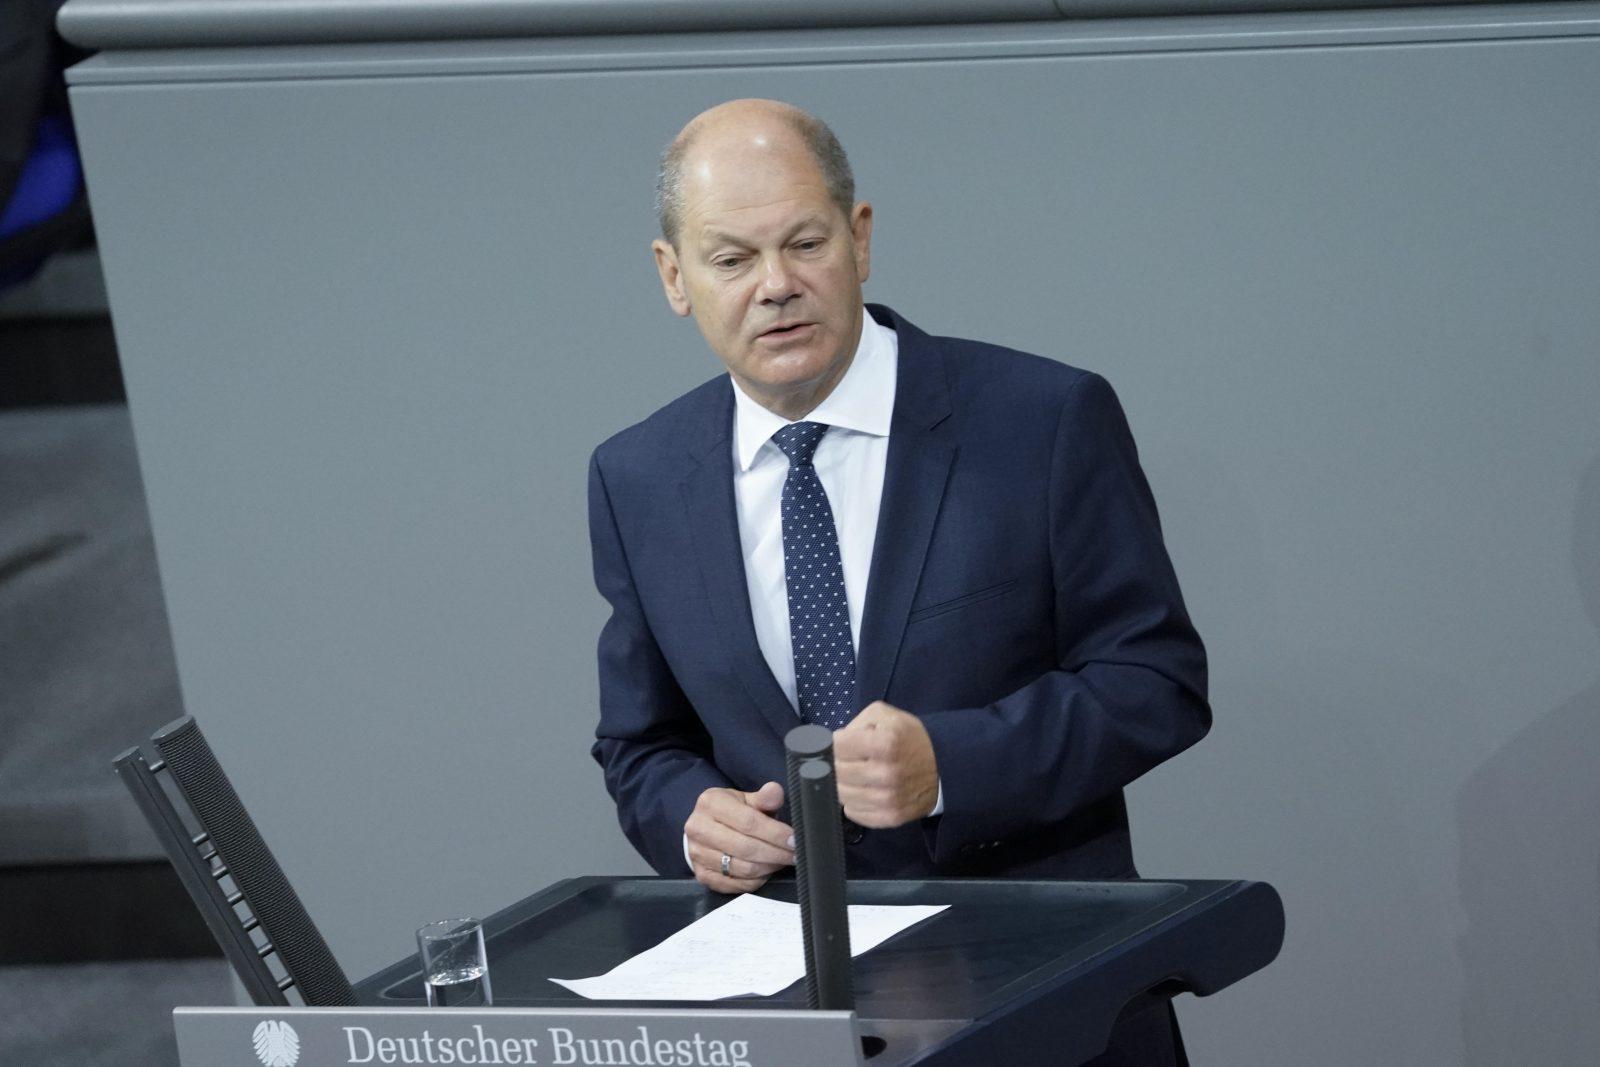 Vize-Kanzler Olaf Scholz (SPD) will die Sicherheitsbehörden auf Rassismus überprüfen lassen Foto: picture alliance